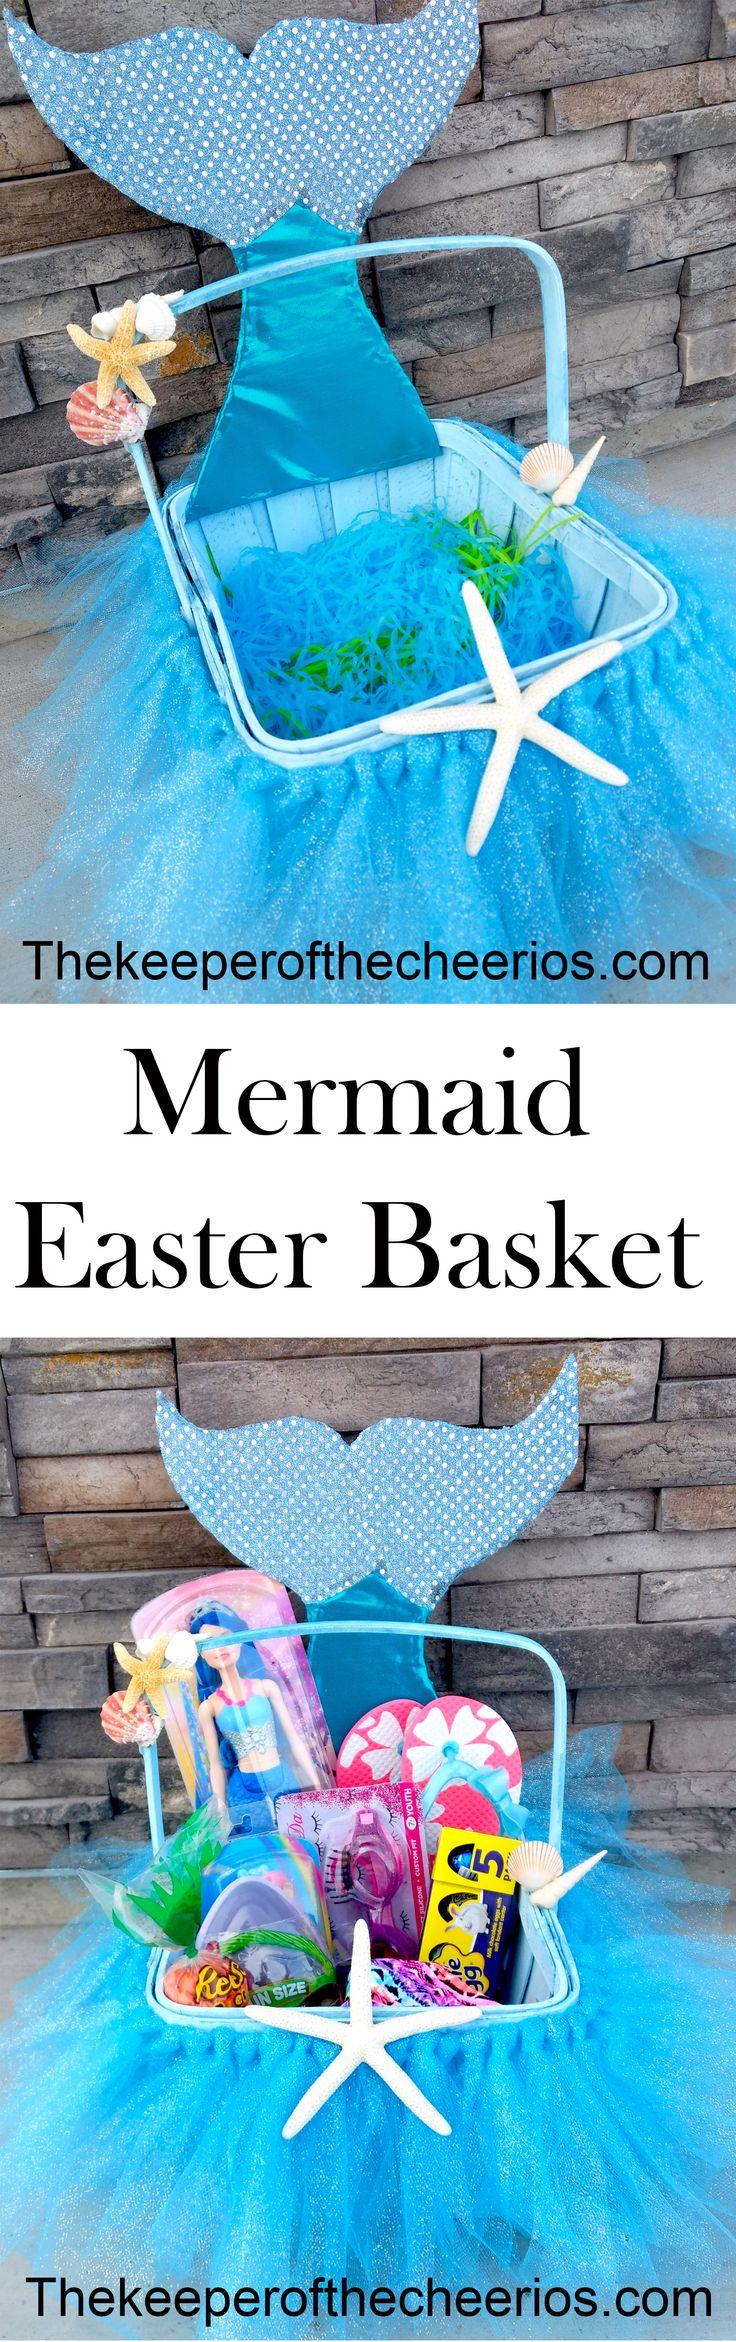 Mermaid Easter Basket